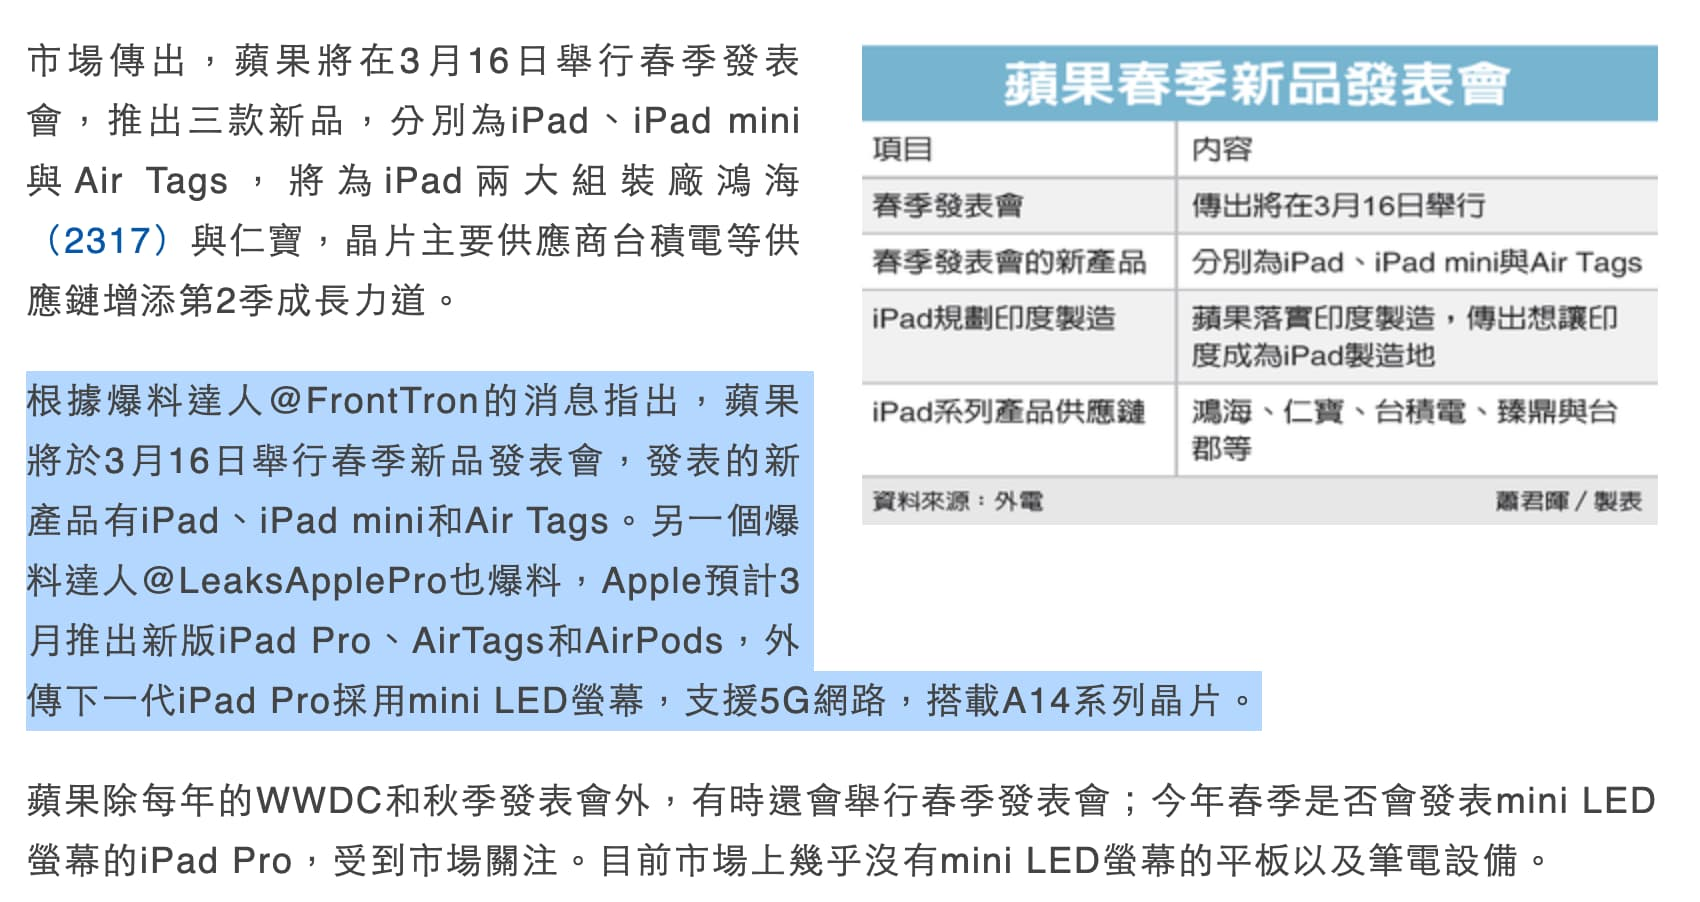 蘋果將在3/16舉行春季發表會?彭博社記者稱這是假消息